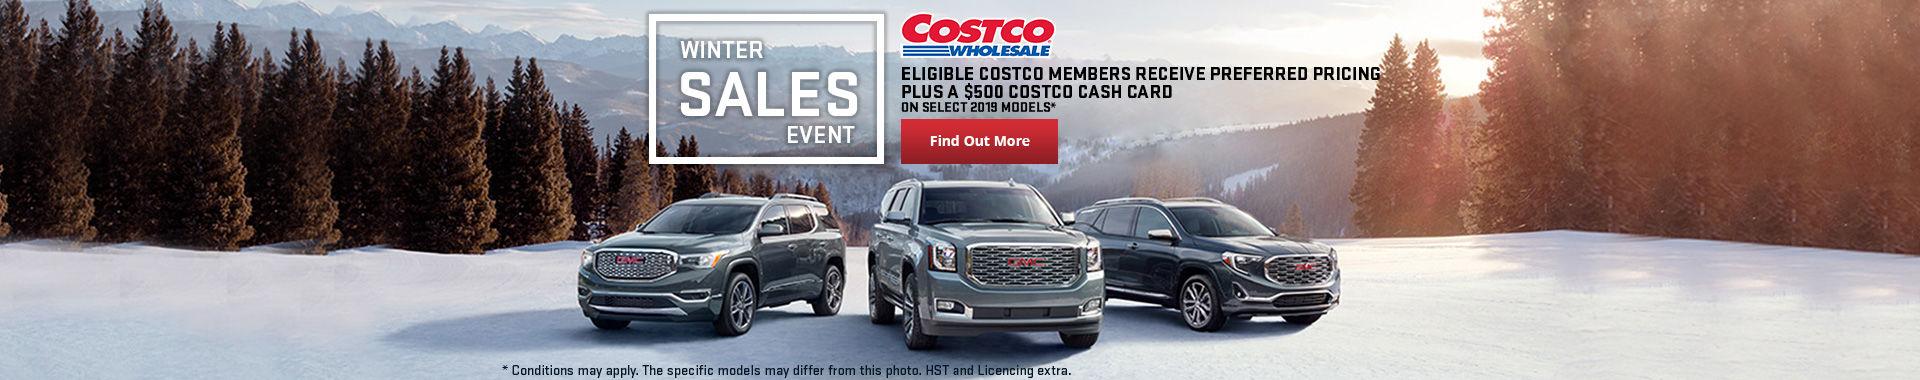 GMC's Costco sale